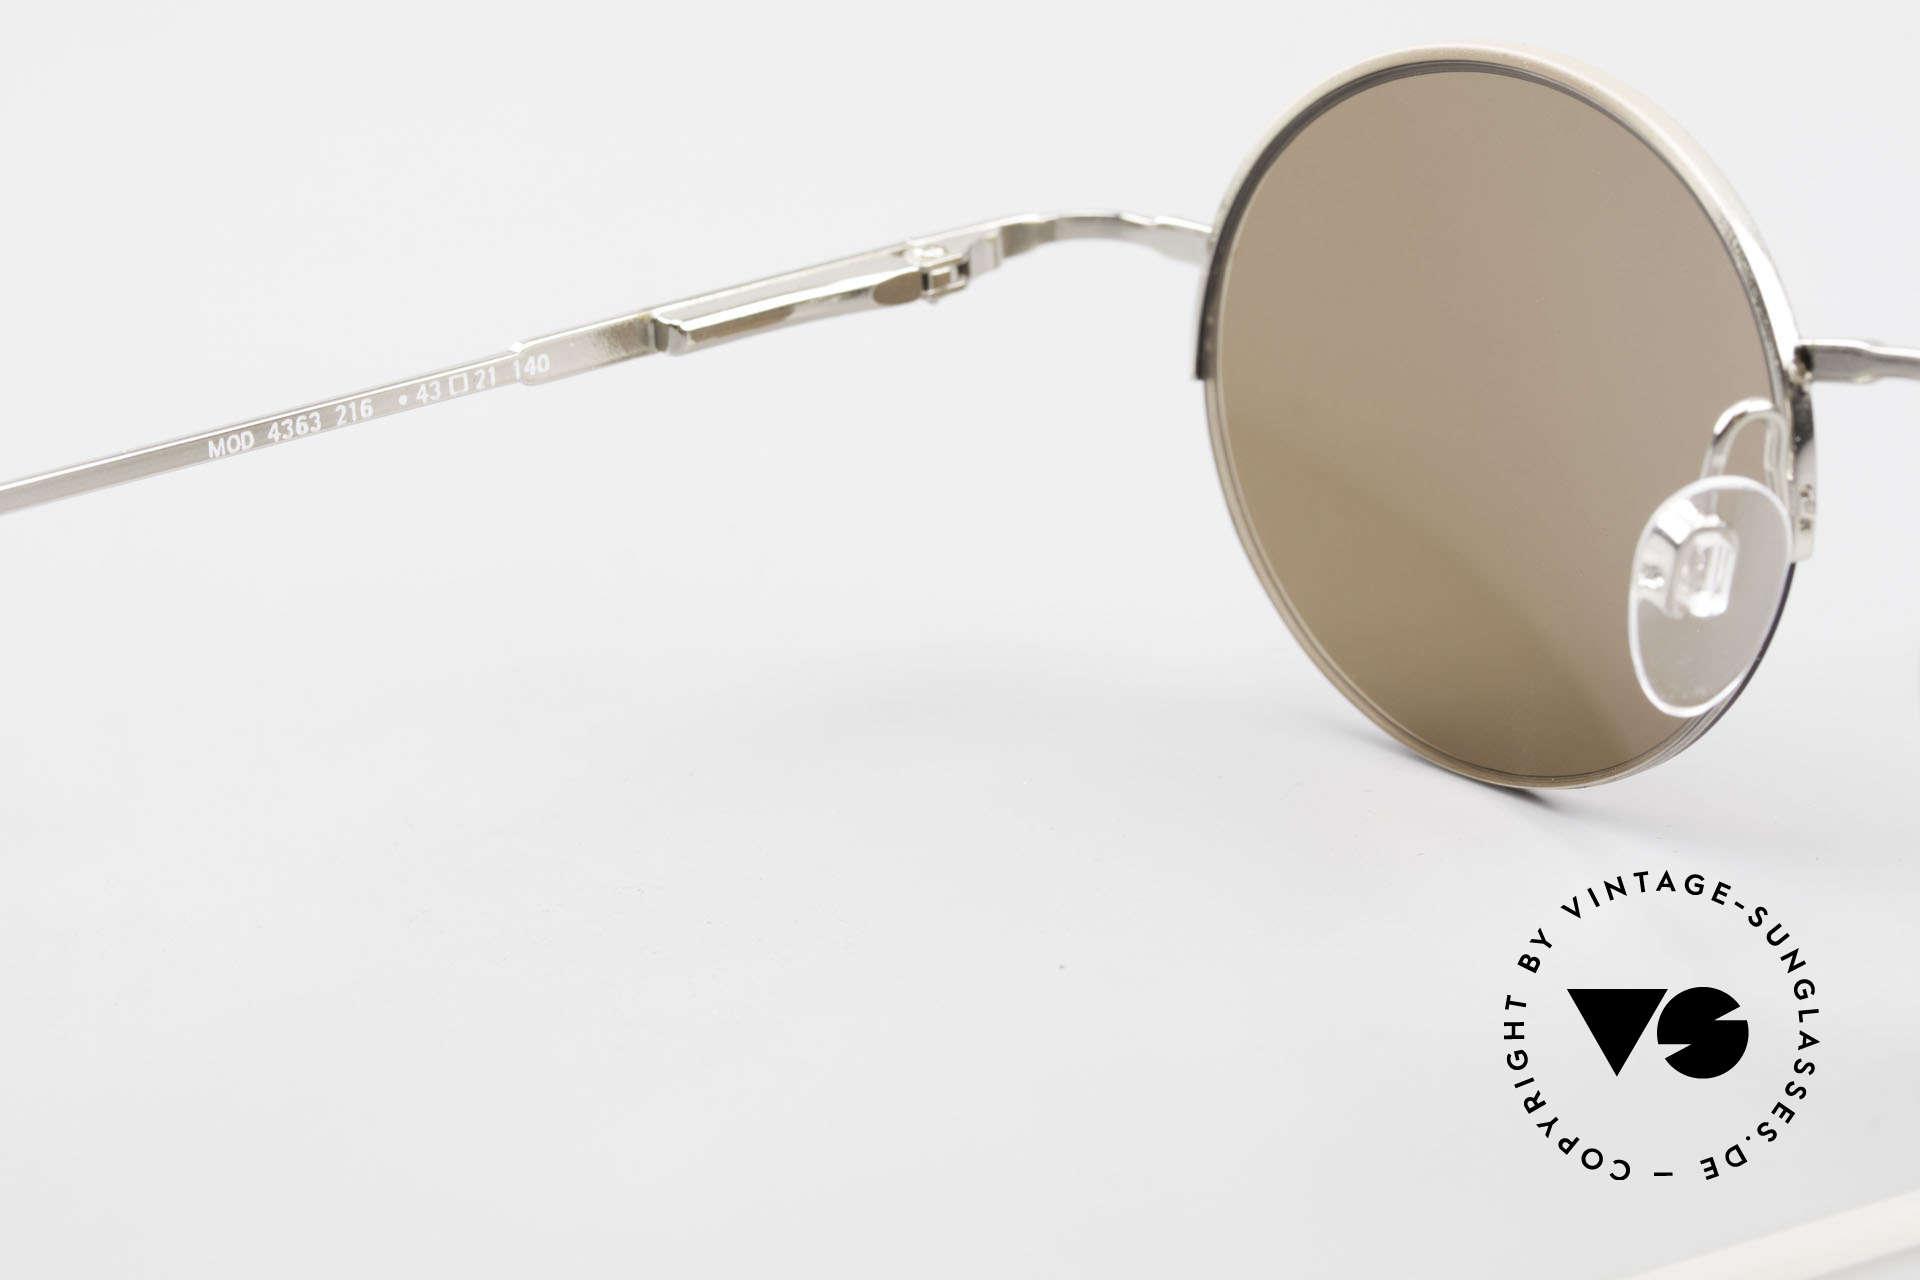 Longines 4363 Ovale Sonnenbrille 90er Rund, Sonnengläser (100% UV) können ggf. getauscht werden, Passend für Herren und Damen